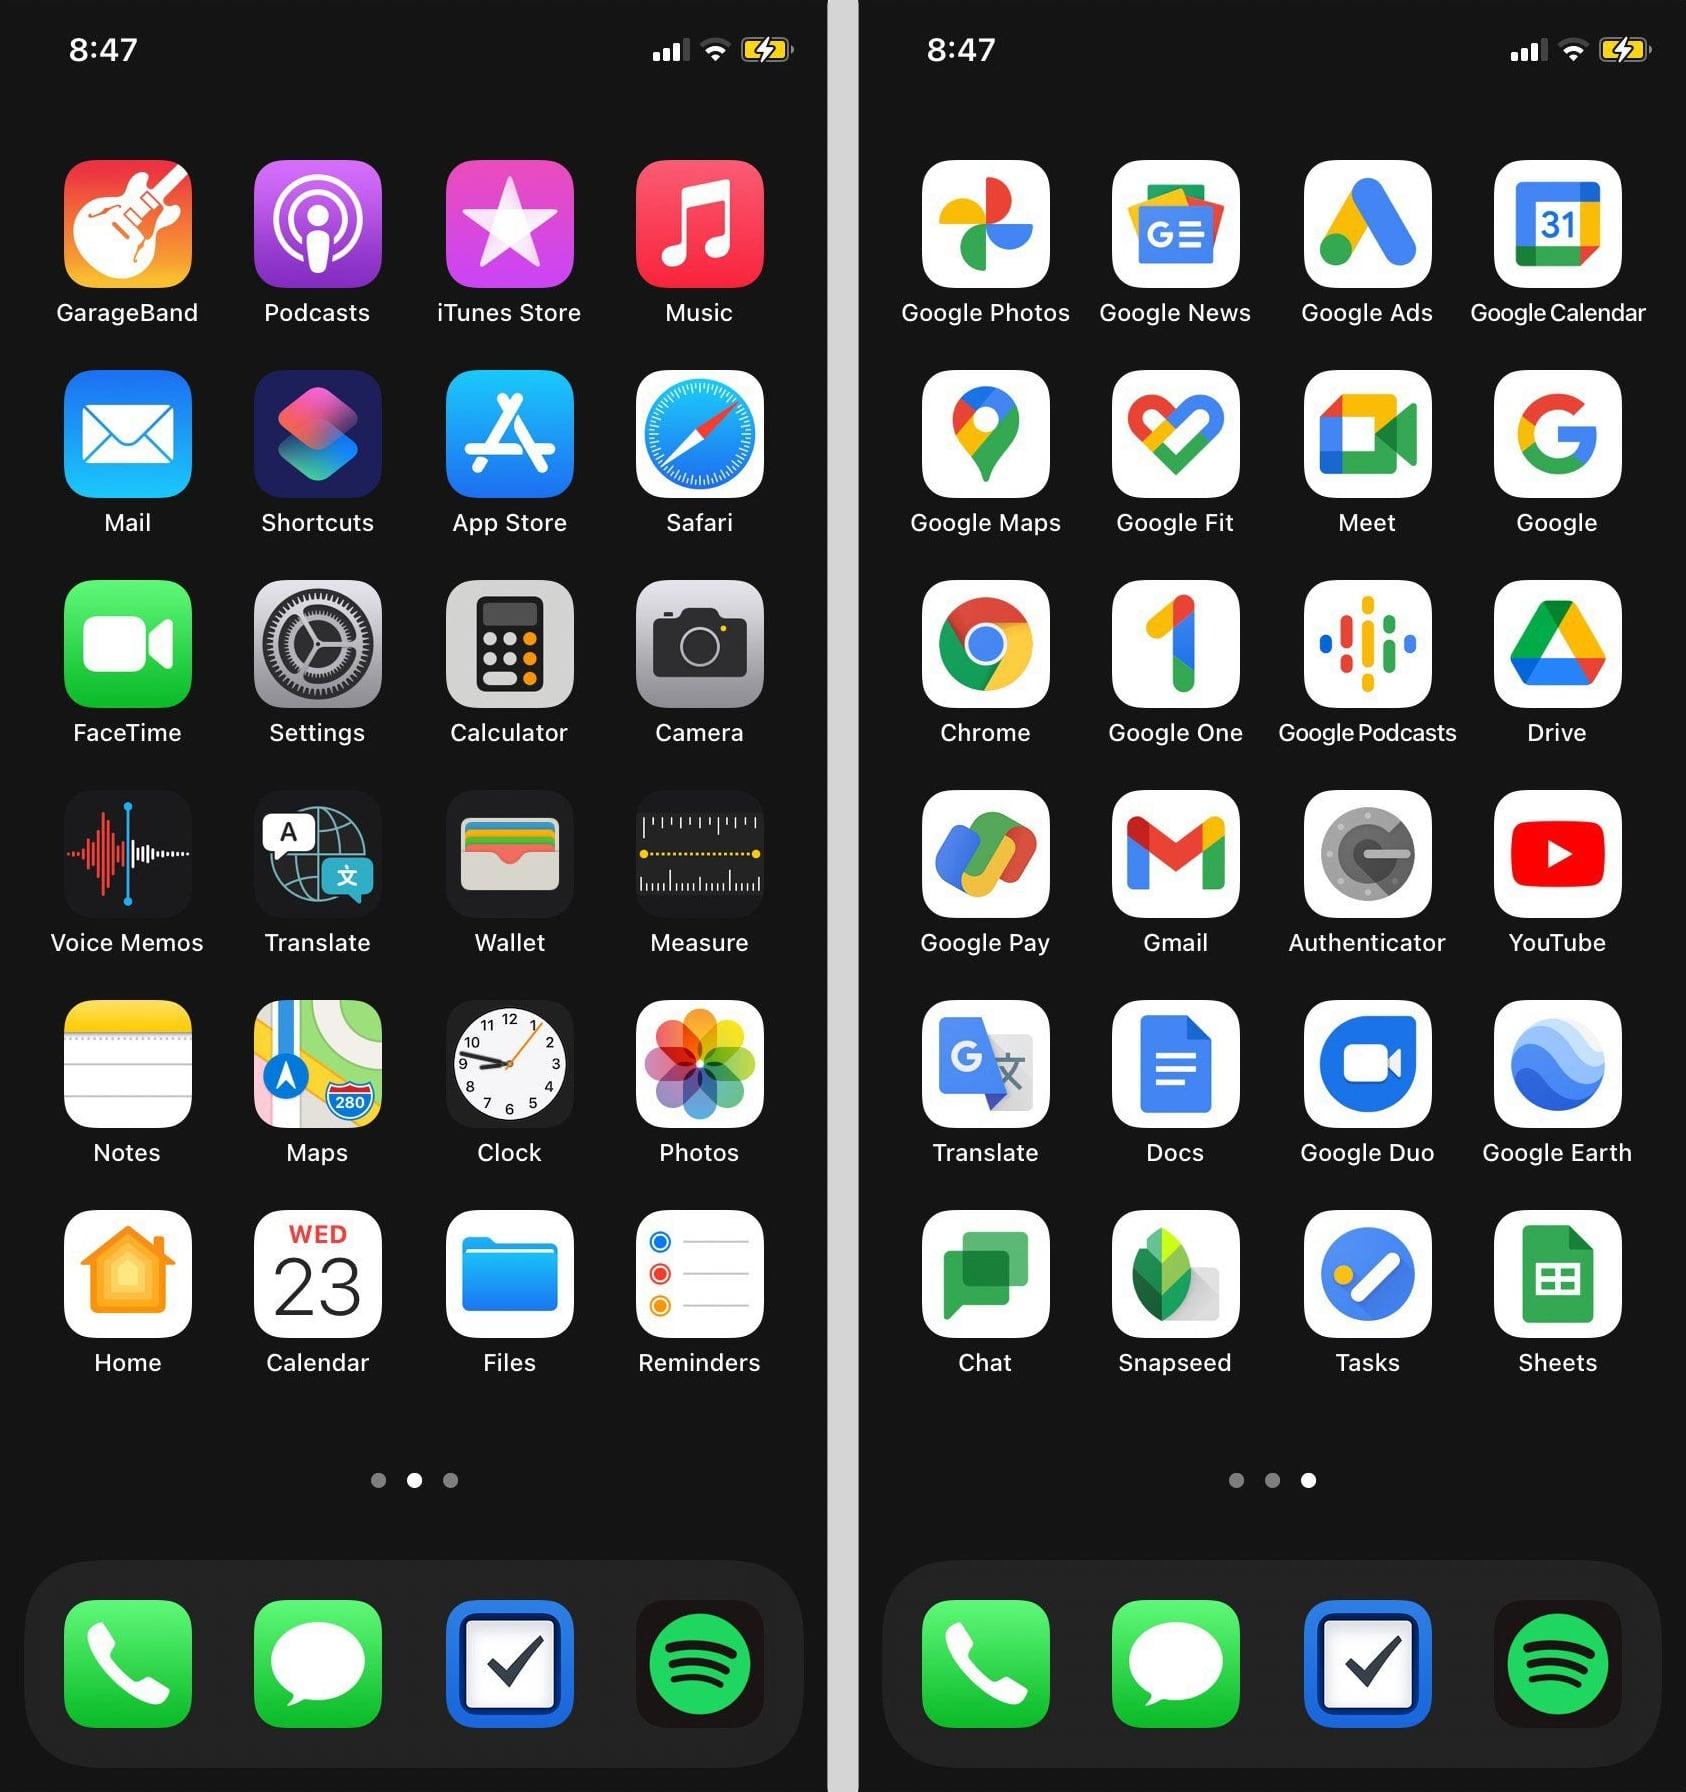 Слева иконки Apple, справа Google. Без комментариев